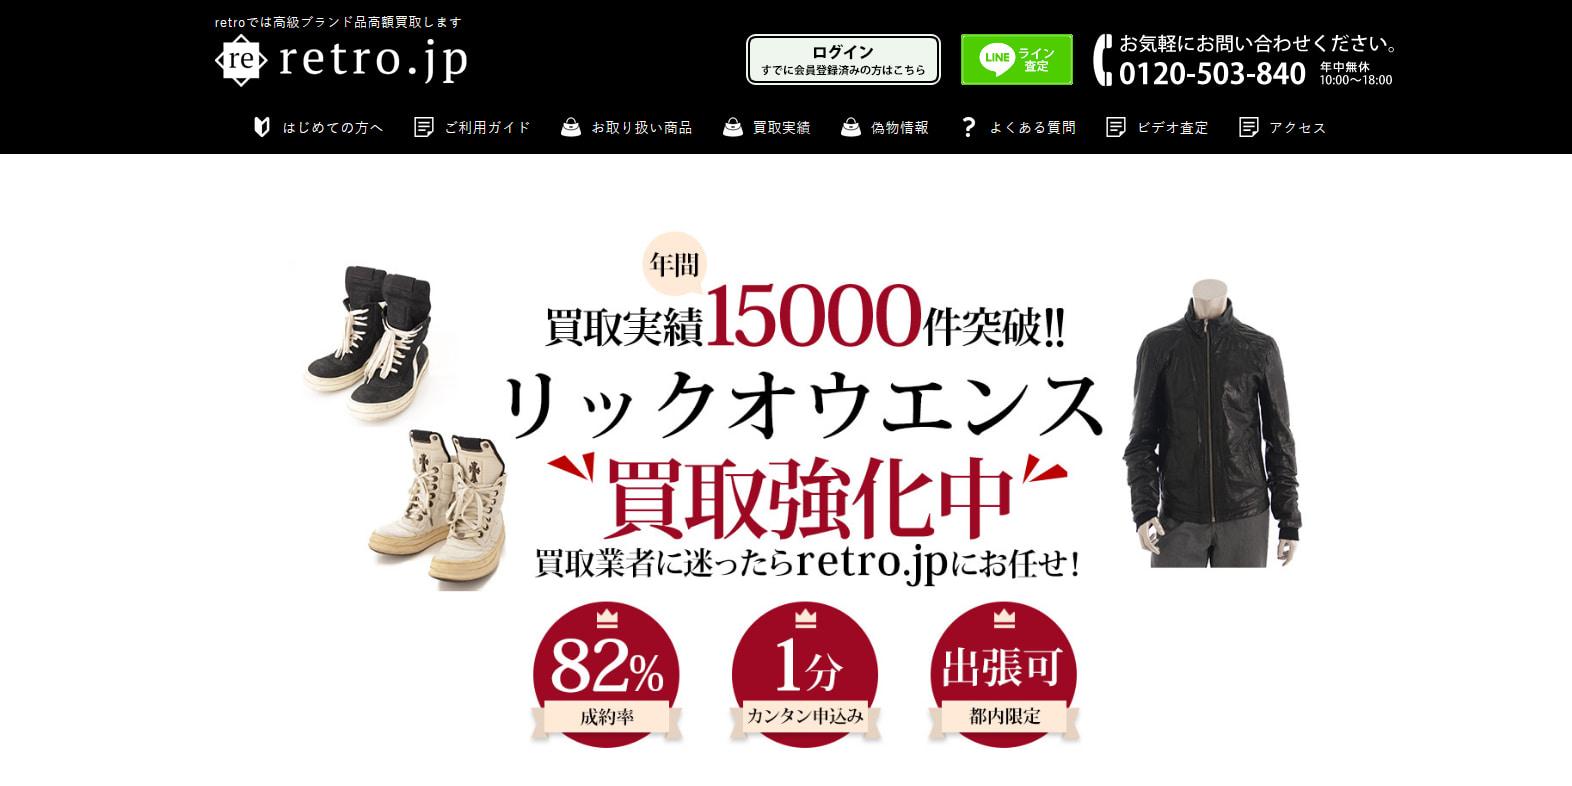 リックオウエンス買取おすすめ店retro.jp